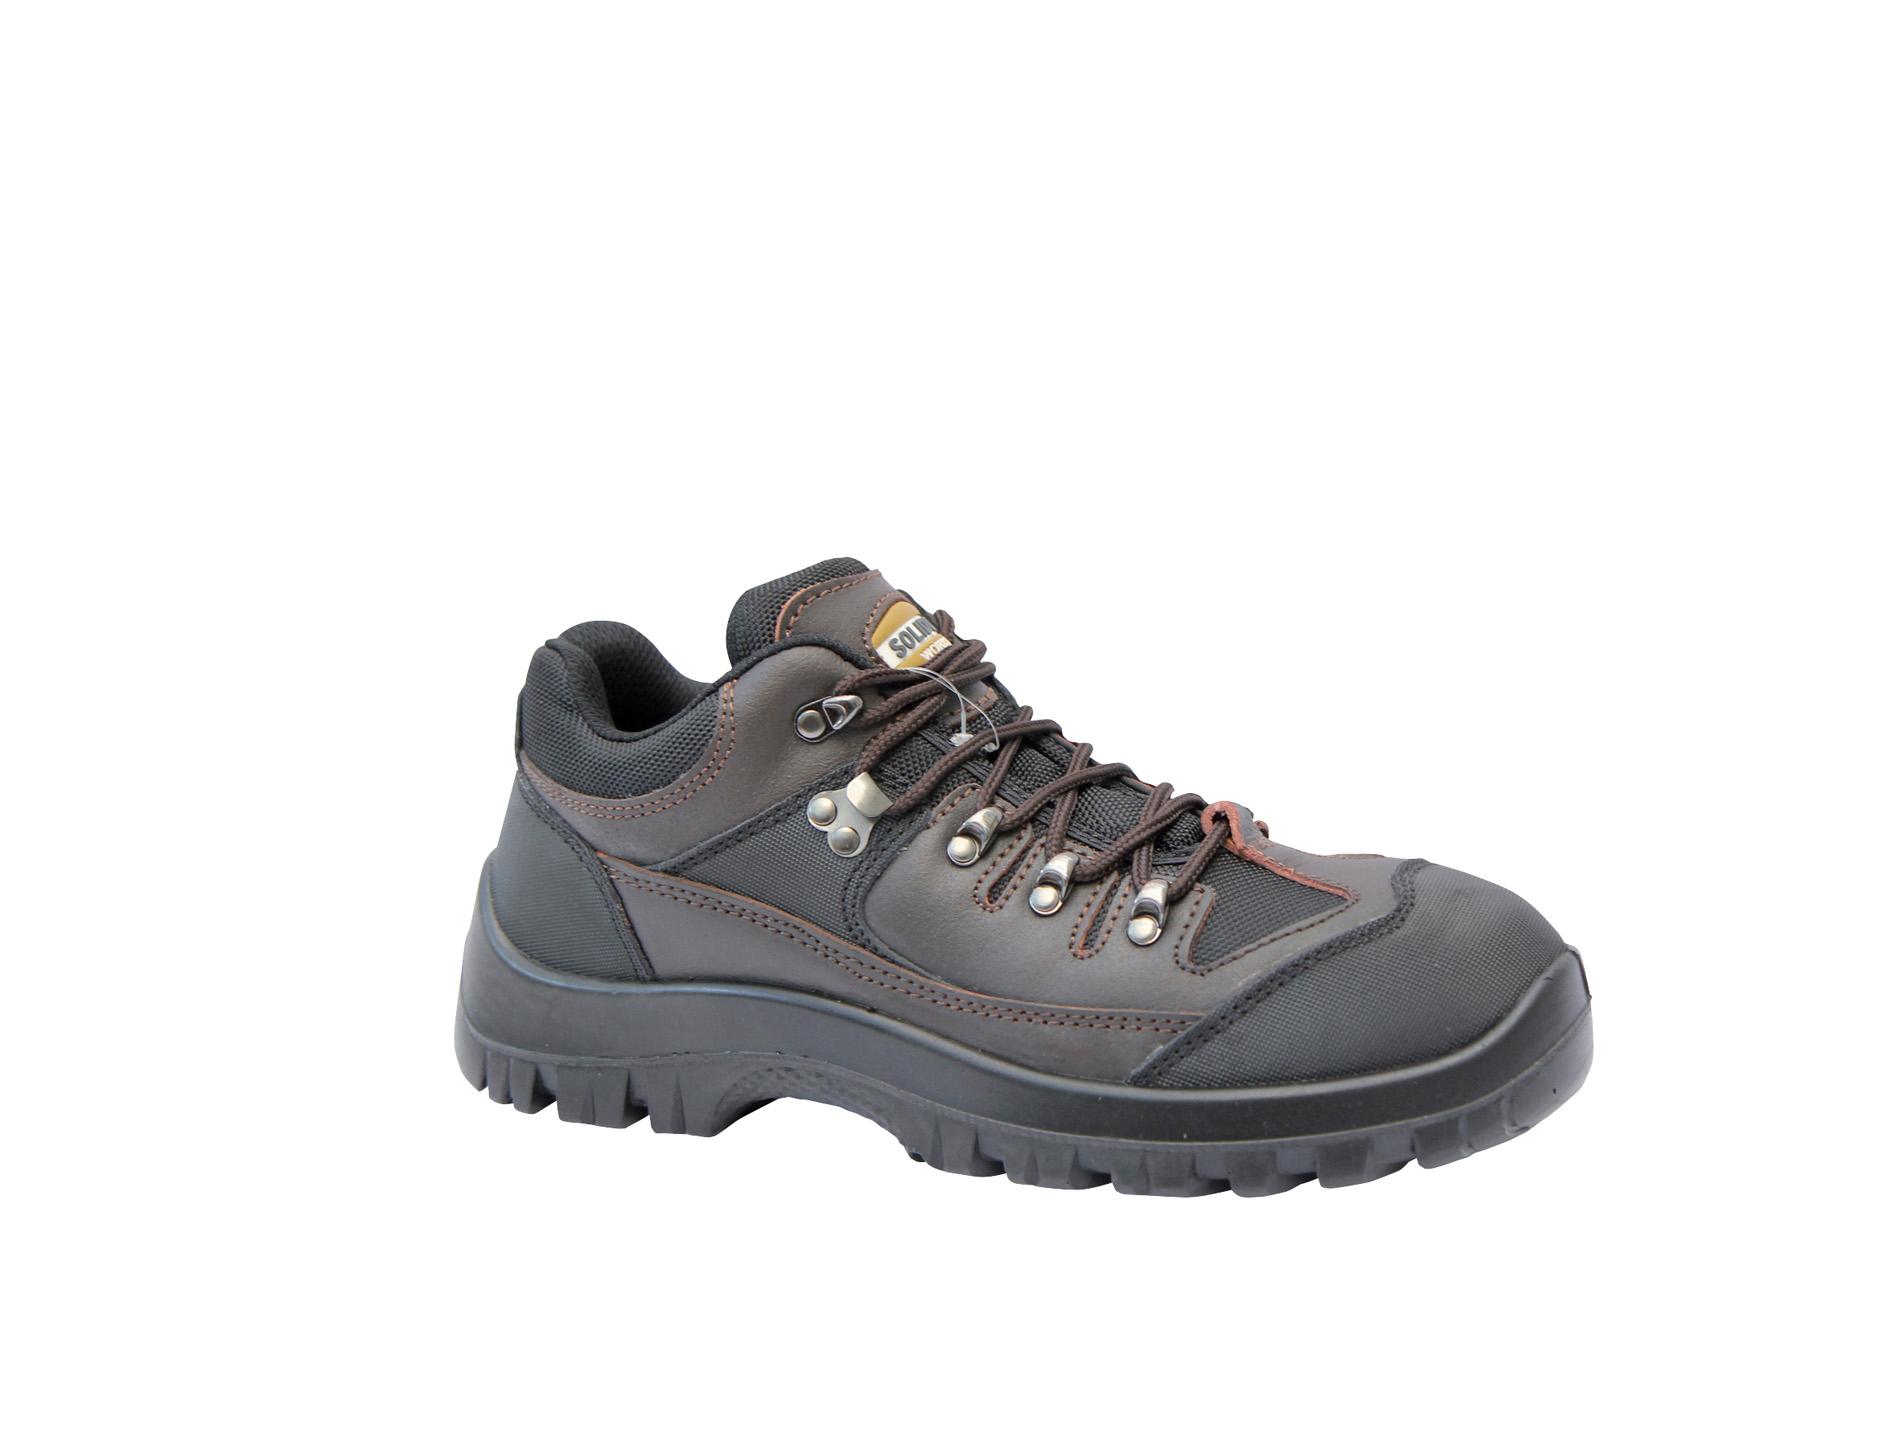 chaussures de travail basses nira chaussures baskets de. Black Bedroom Furniture Sets. Home Design Ideas